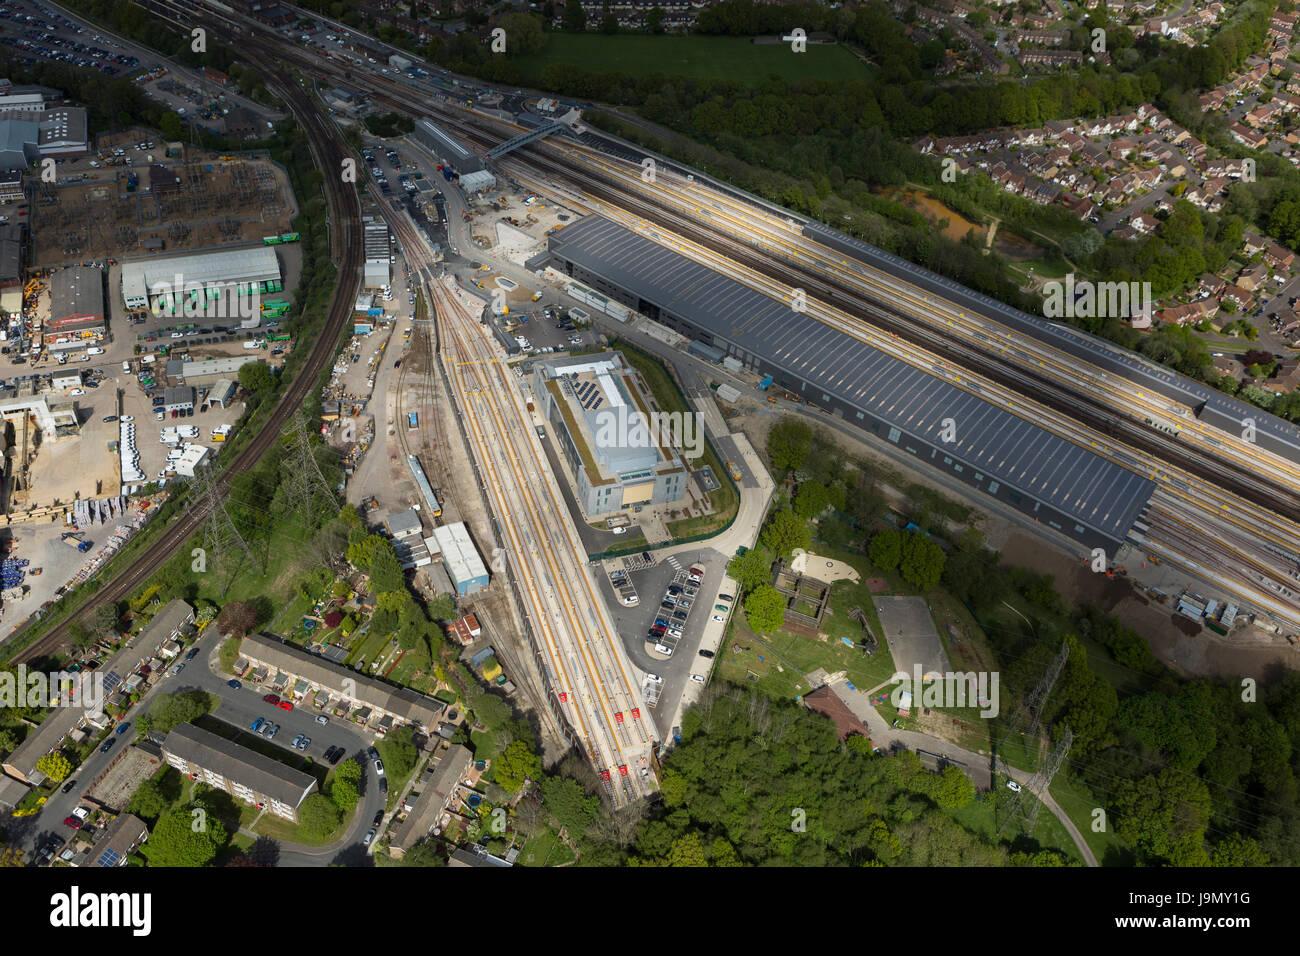 Siemens, drei Brücken Traincare Anlage Website, Crawley, West Sussex ist mehr als 1,4 Meilen in der Länge Stockbild